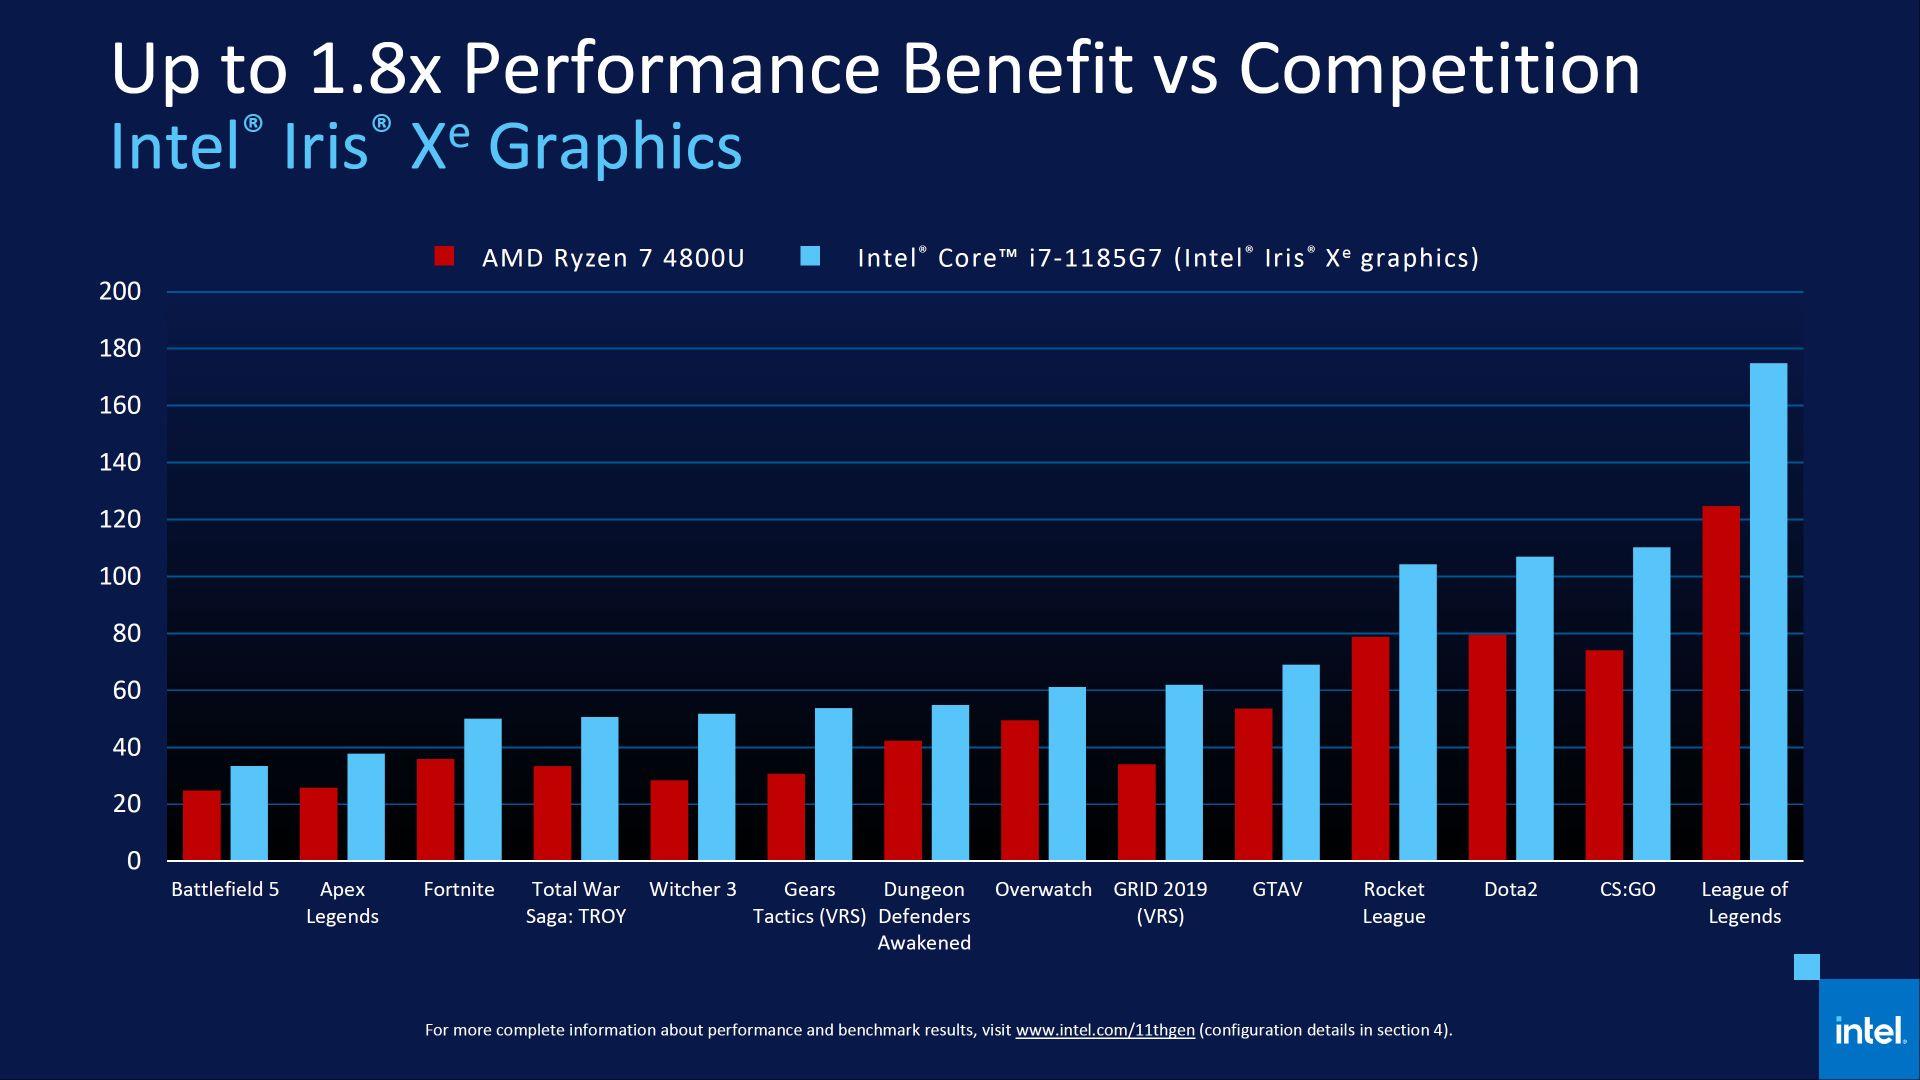 英特尔 11 代酷睿发布,等新品还是现在买 AMD? - 热点资讯 专题图文 第12张